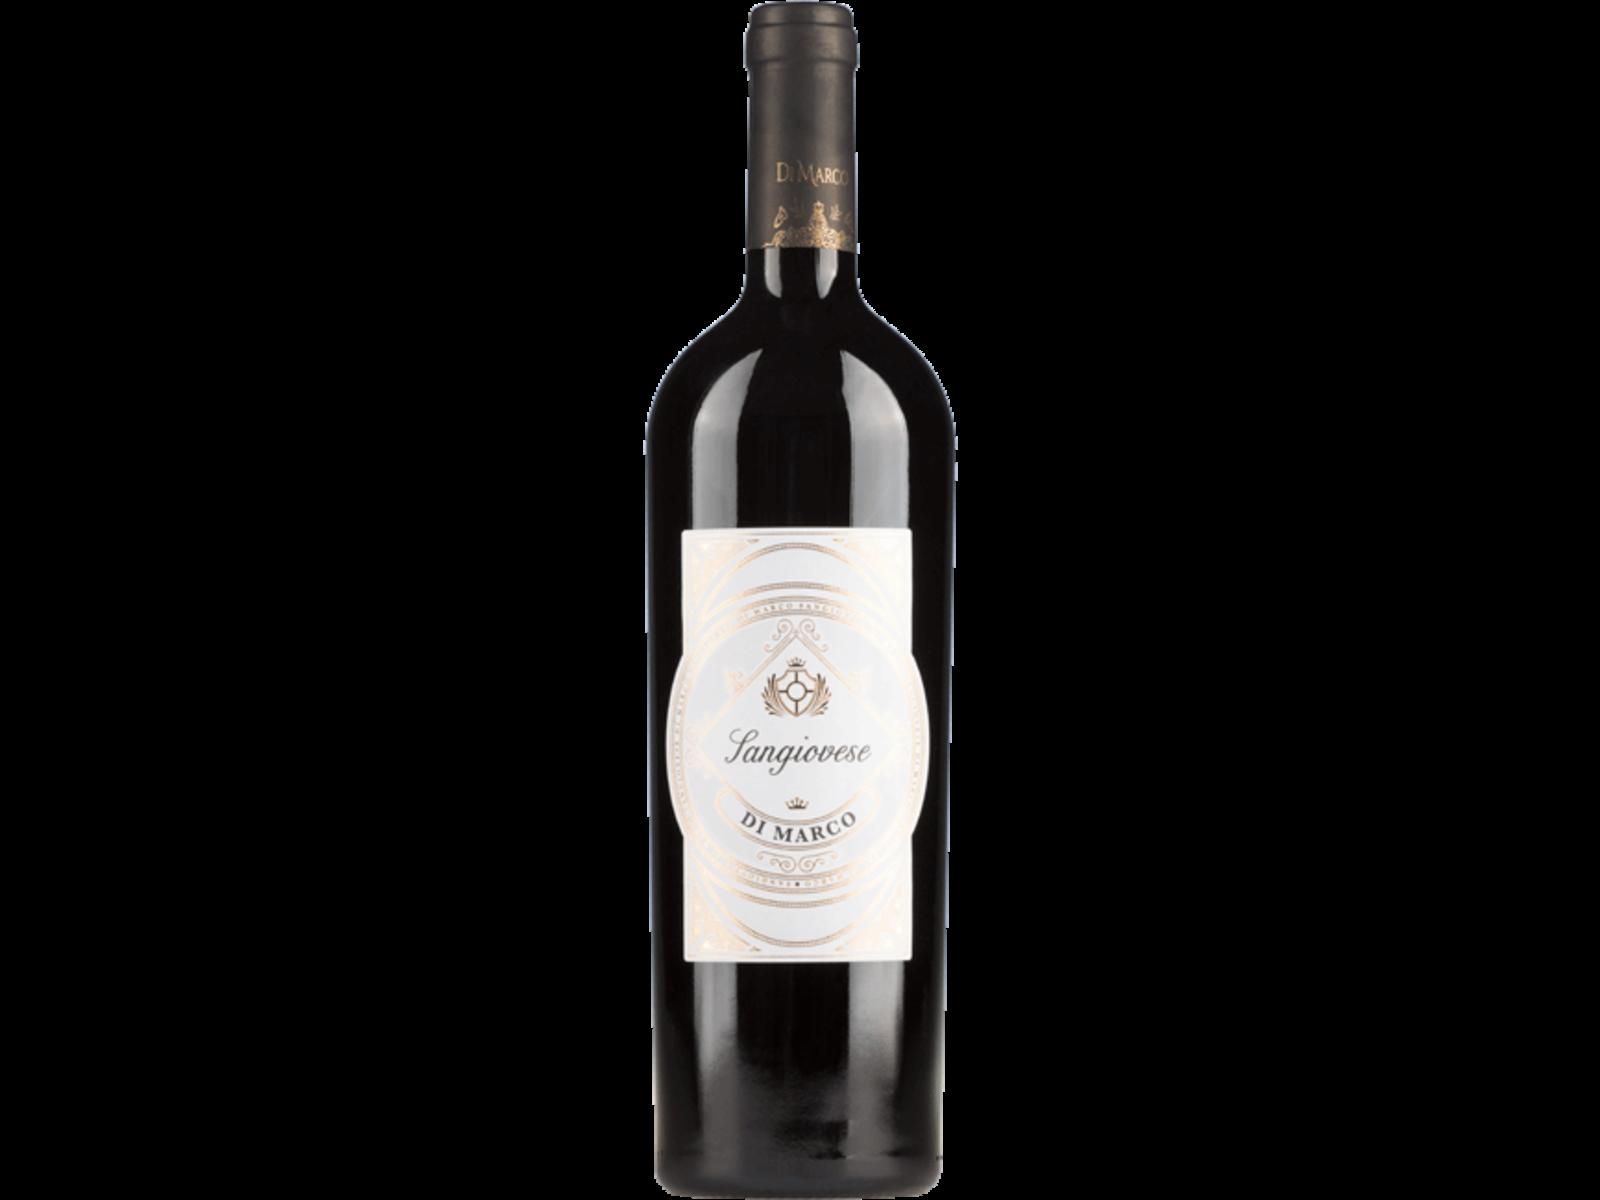 Biscardo Vini Sangiovese / Rubicone di Marco